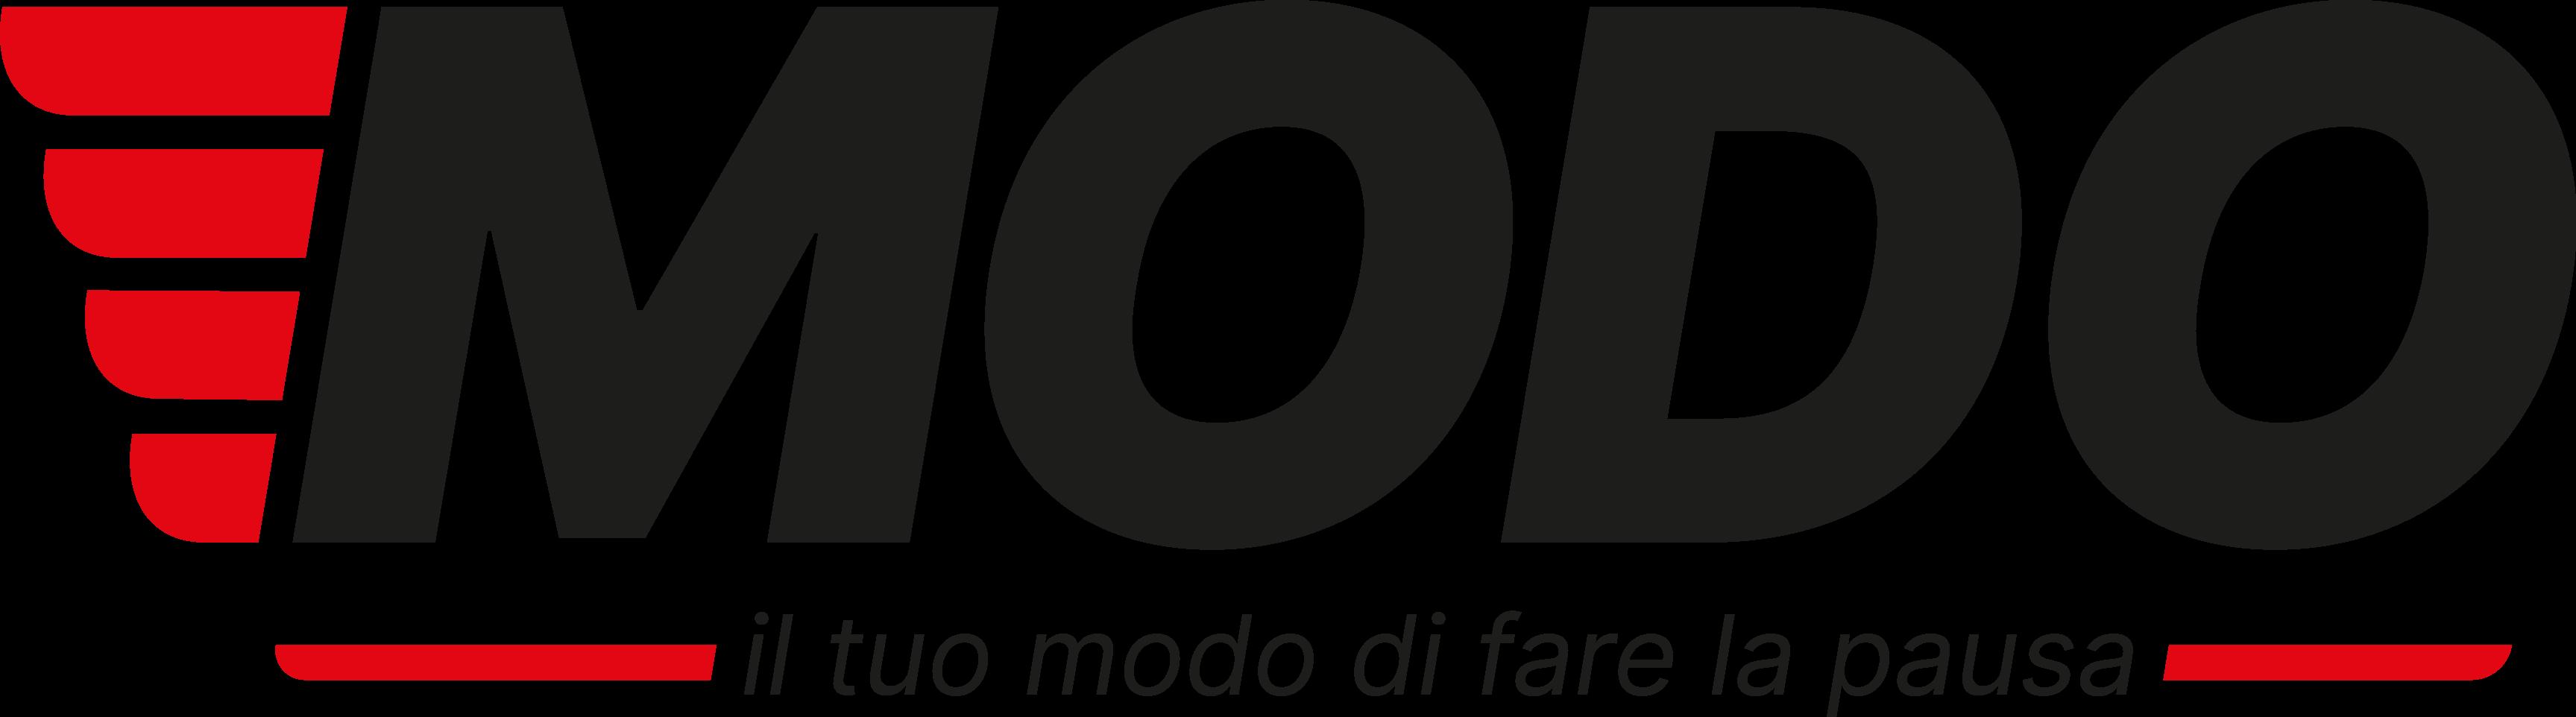 MODOCAFFE_NERO